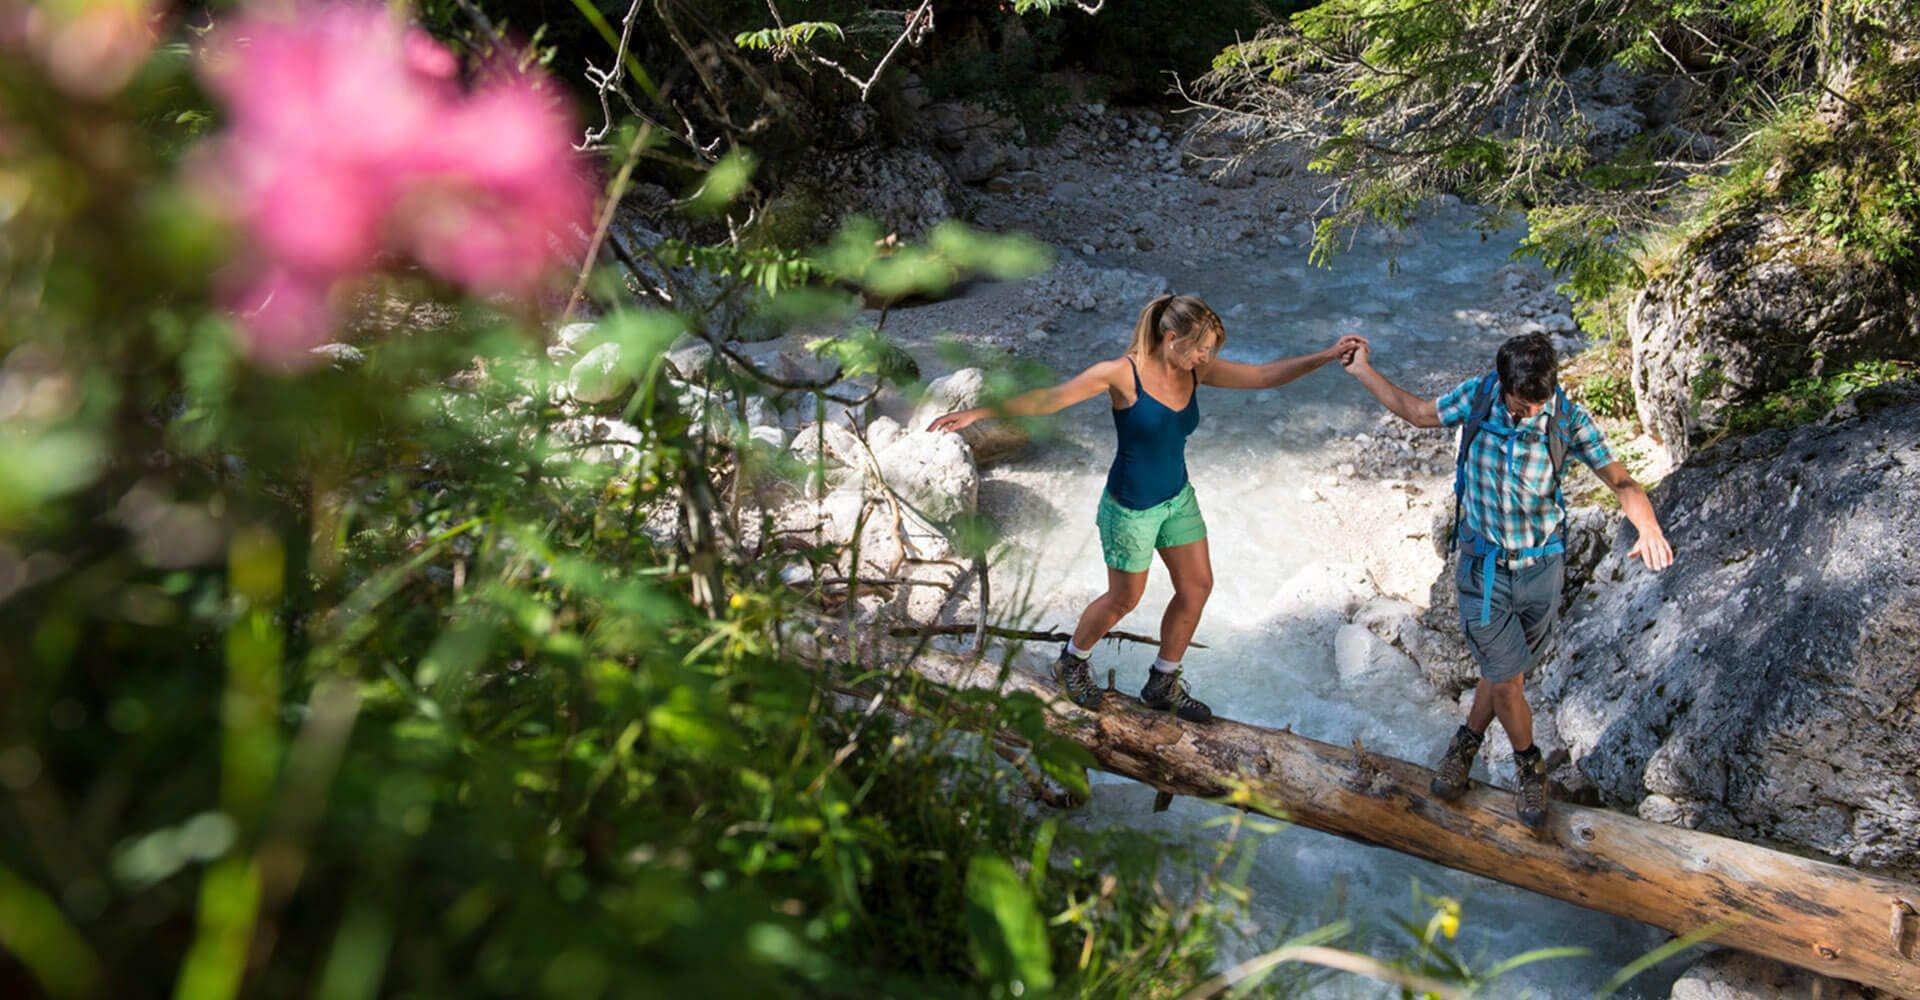 Urlaub in Völs in Südtirol - Sommerträume in den Dolomiten 2